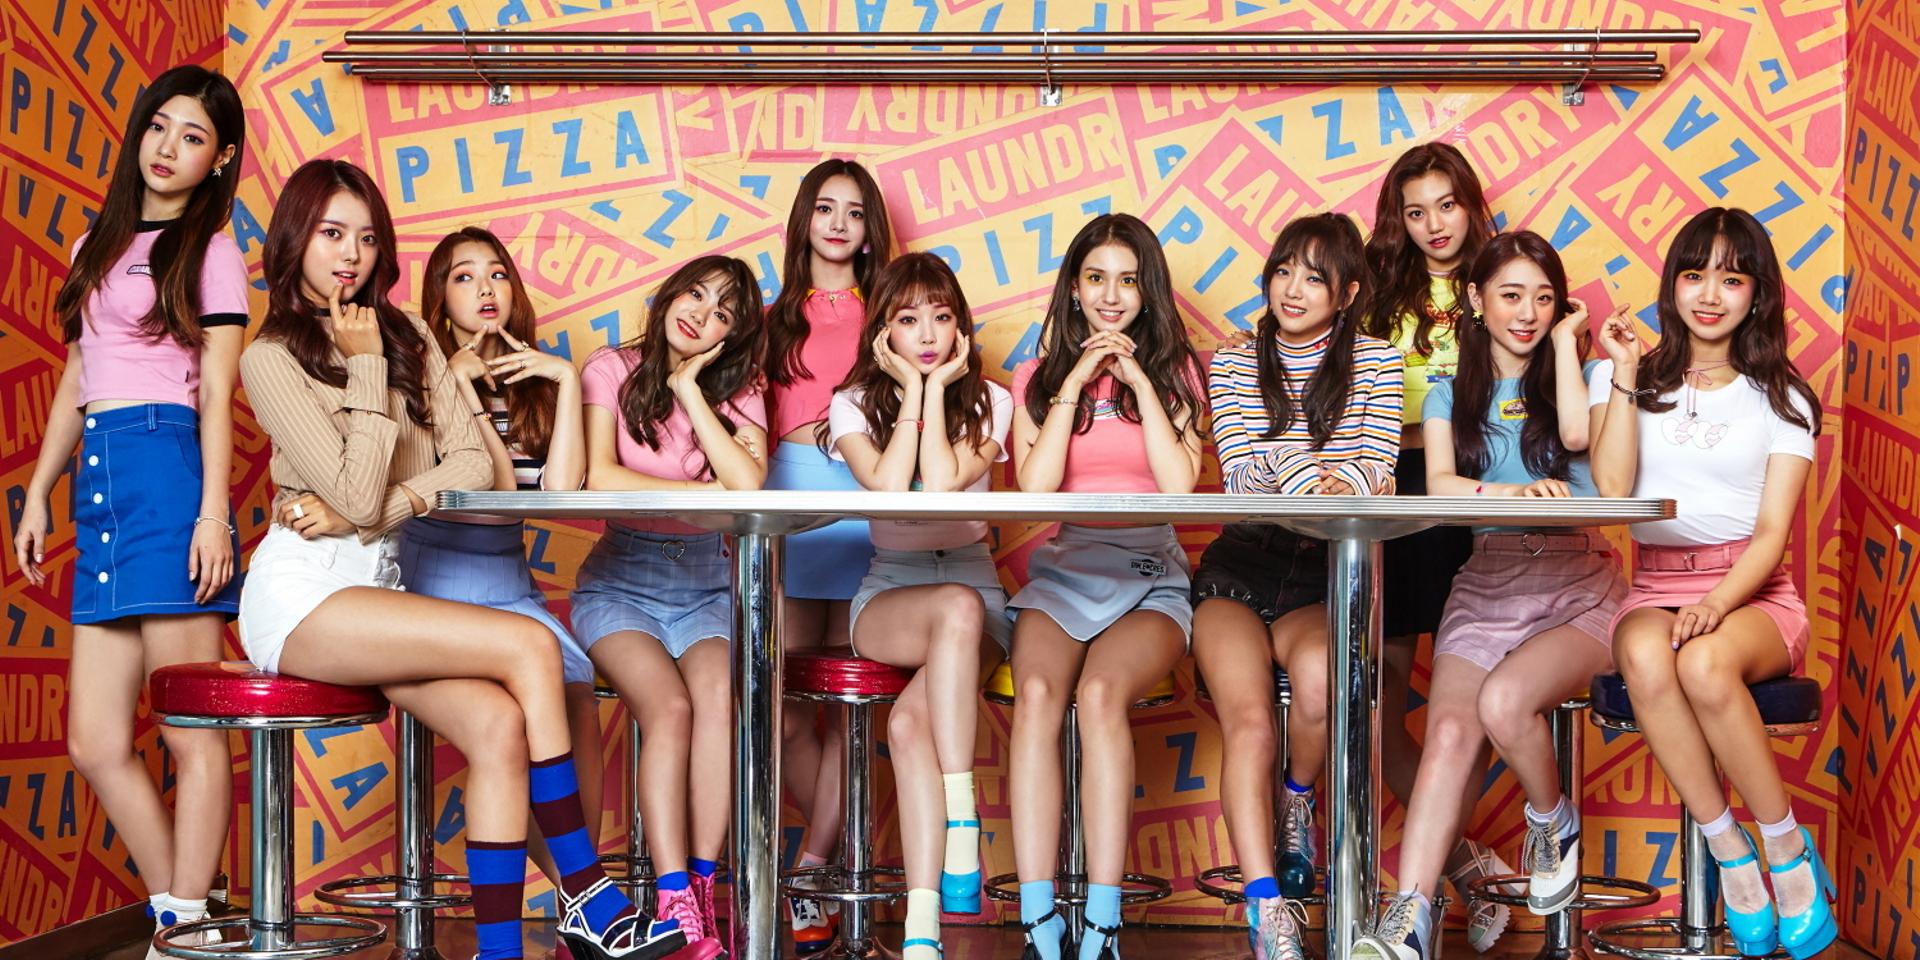 Le groupe de filles K-pop IOI se réunira en octobre, Chung Ha et huit